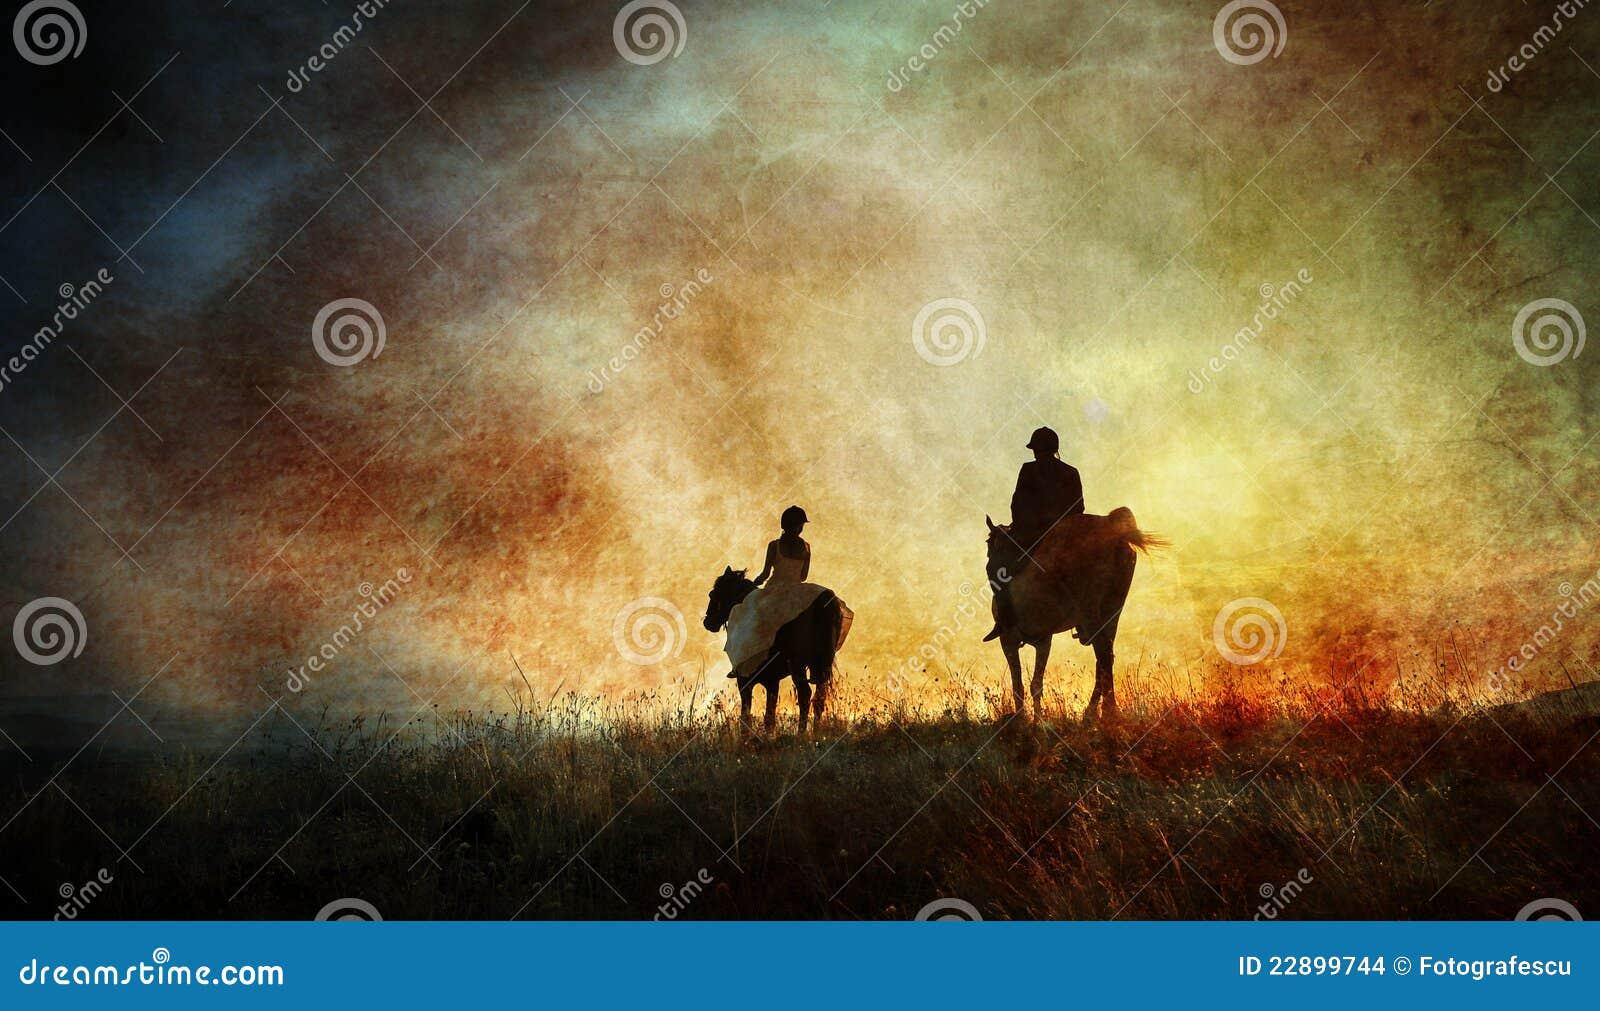 Fine art horse riders silhouette